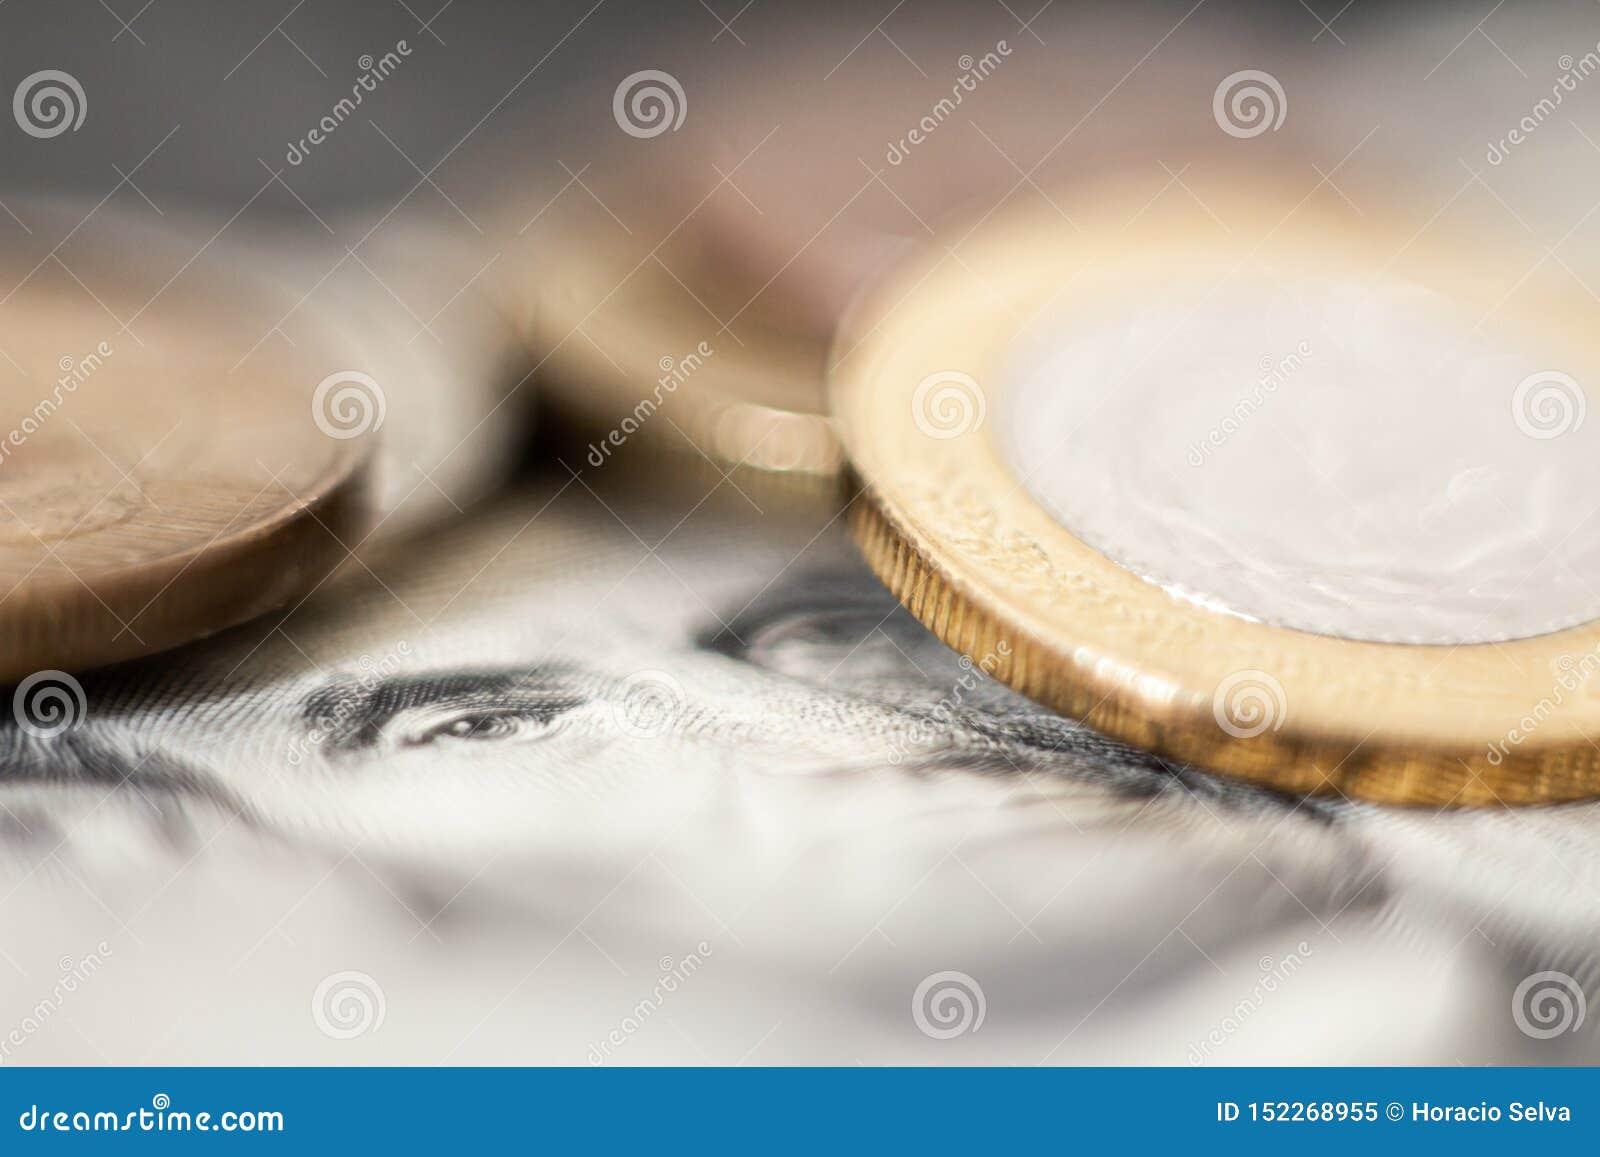 Image conceptuelle d argent Éléments qui représentent monétaire Éléments qui représentent le succès monétaire